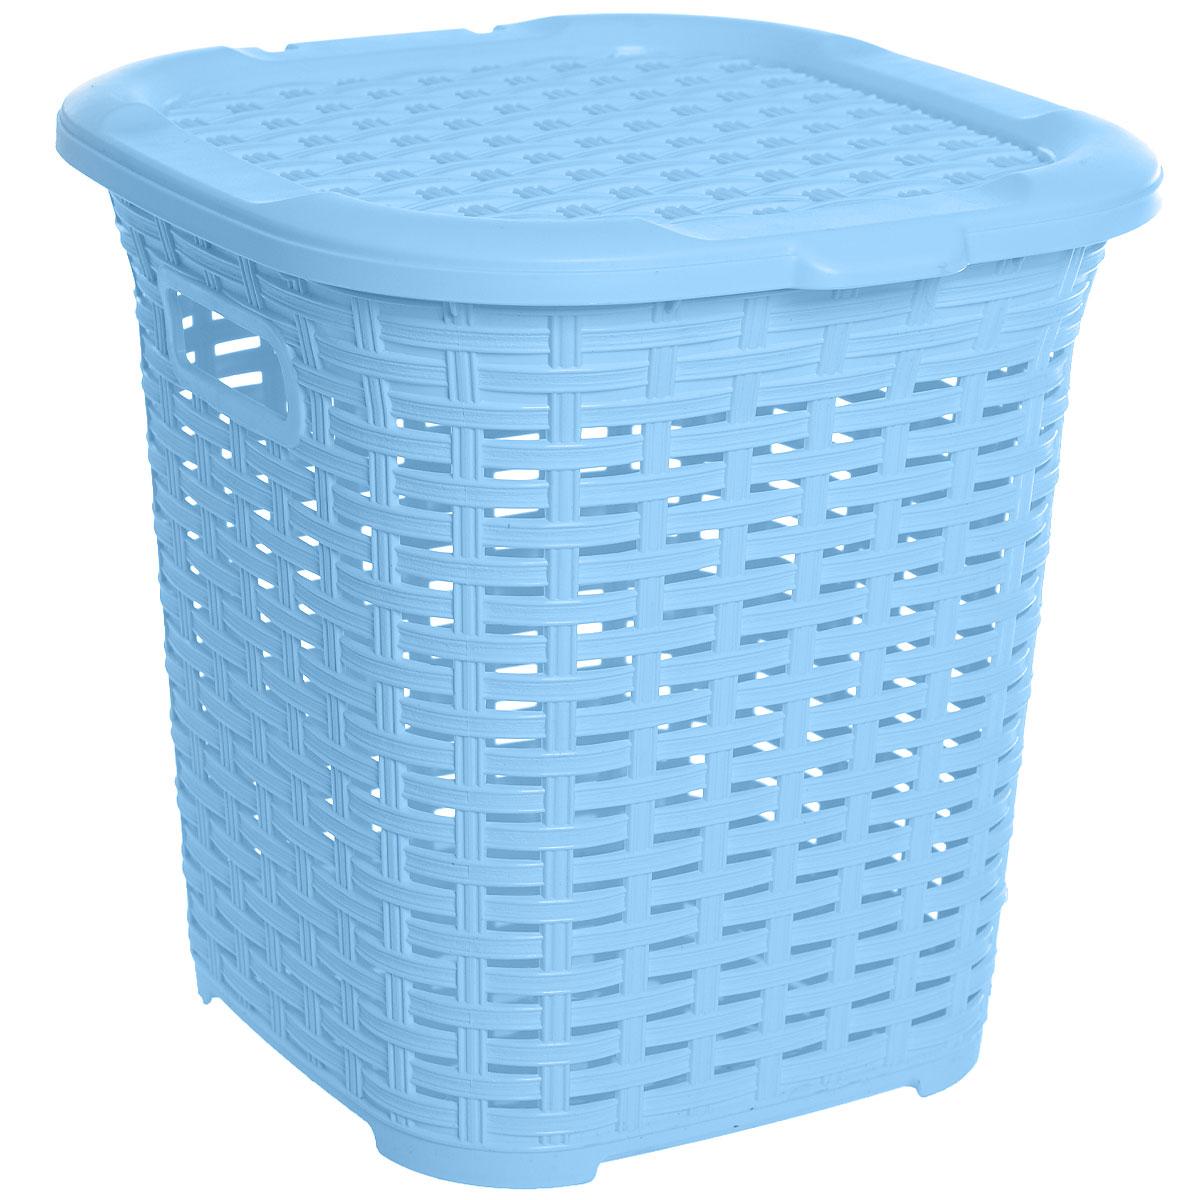 Корзина многофункциональная Dunya Plastik Раттан, цвет: голубой, 15 лCLP446Многофункциональная корзина Dunya Plastik Раттан изготовлена из прочного пластика. Она отлично подойдет для хранения белья перед стиркой и различных бытовых вещей. В ней также удобно хранить овощи: картошку, лук и т.д. Корзина плетеная, что создает идеальные условия для проветривания. Дно сплошное. Изделие оснащено двумя ручками и крышкой. Такая корзина прекрасно впишется в интерьер ванной комнаты или кухни.